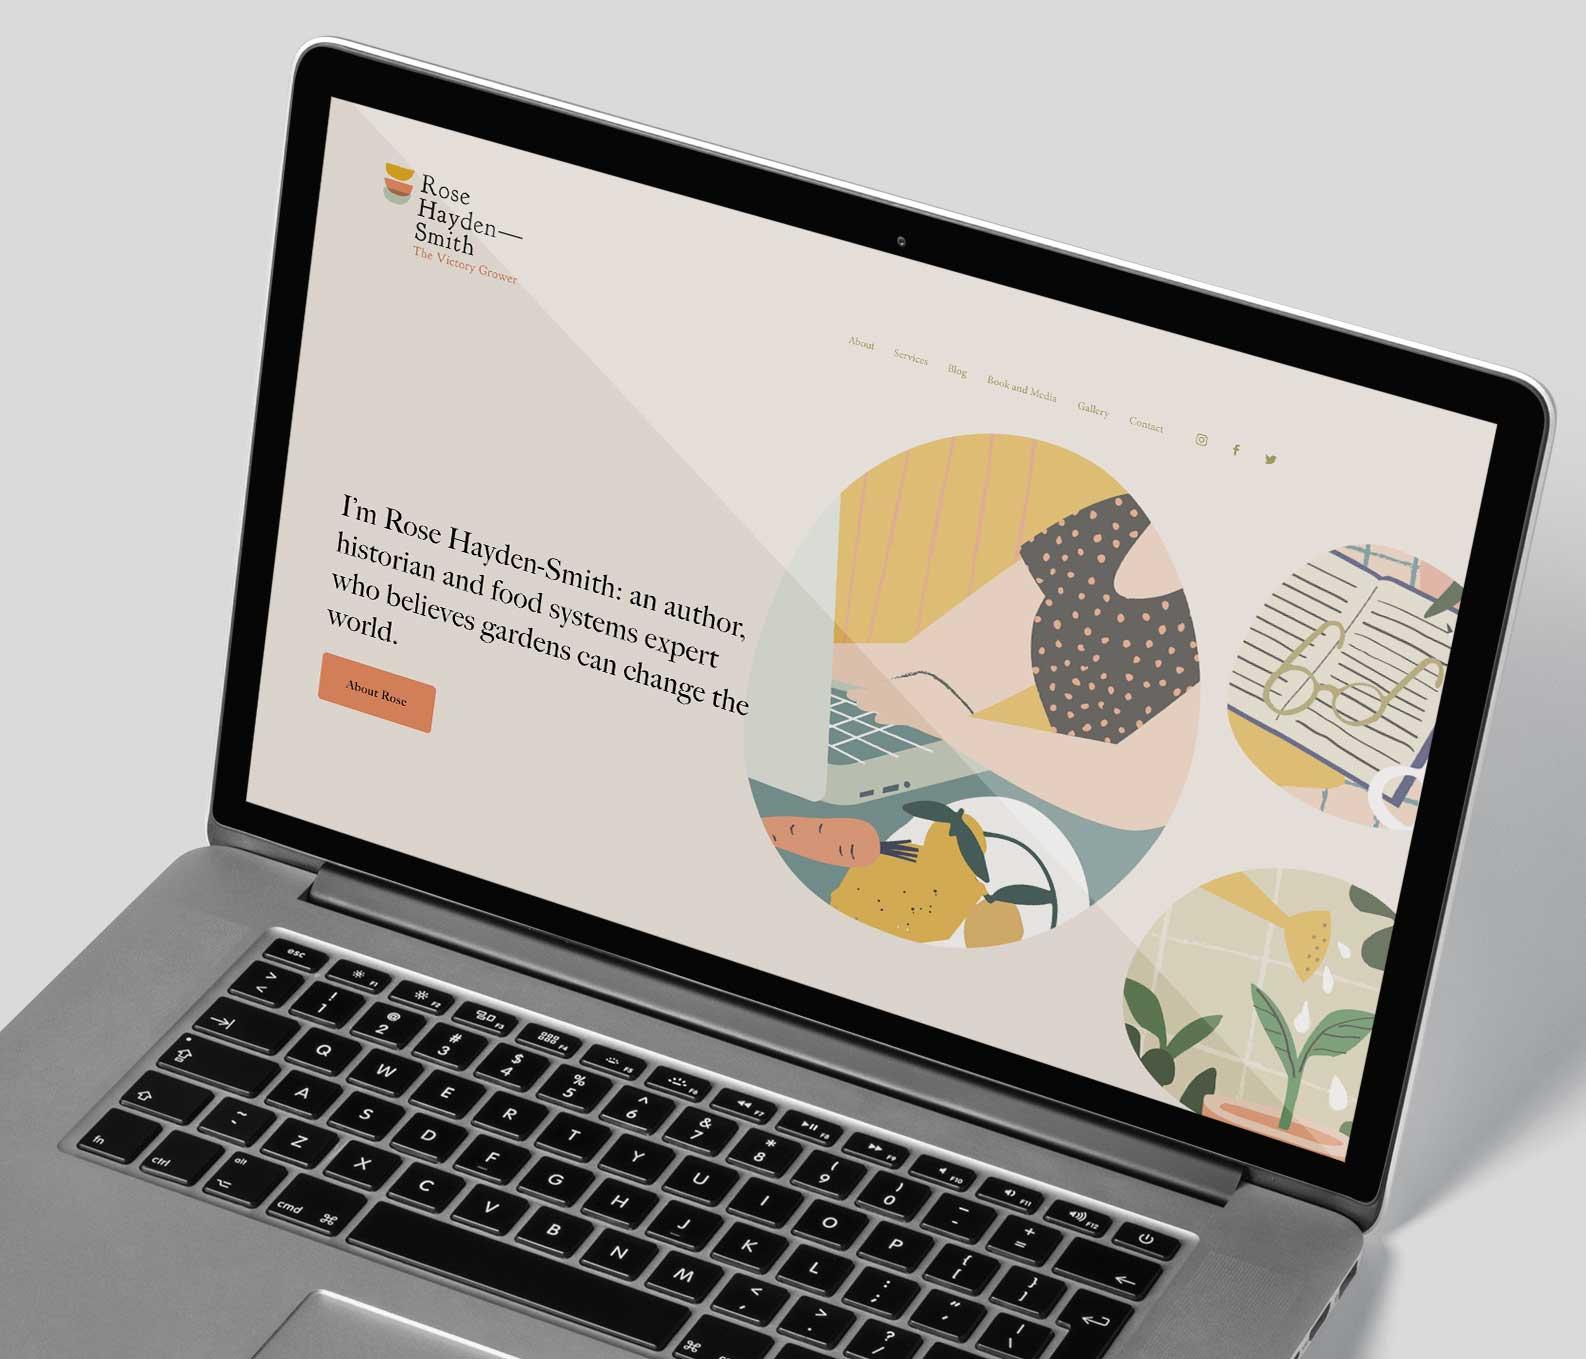 Rose Hayden-Smith Branding Website on Laptop